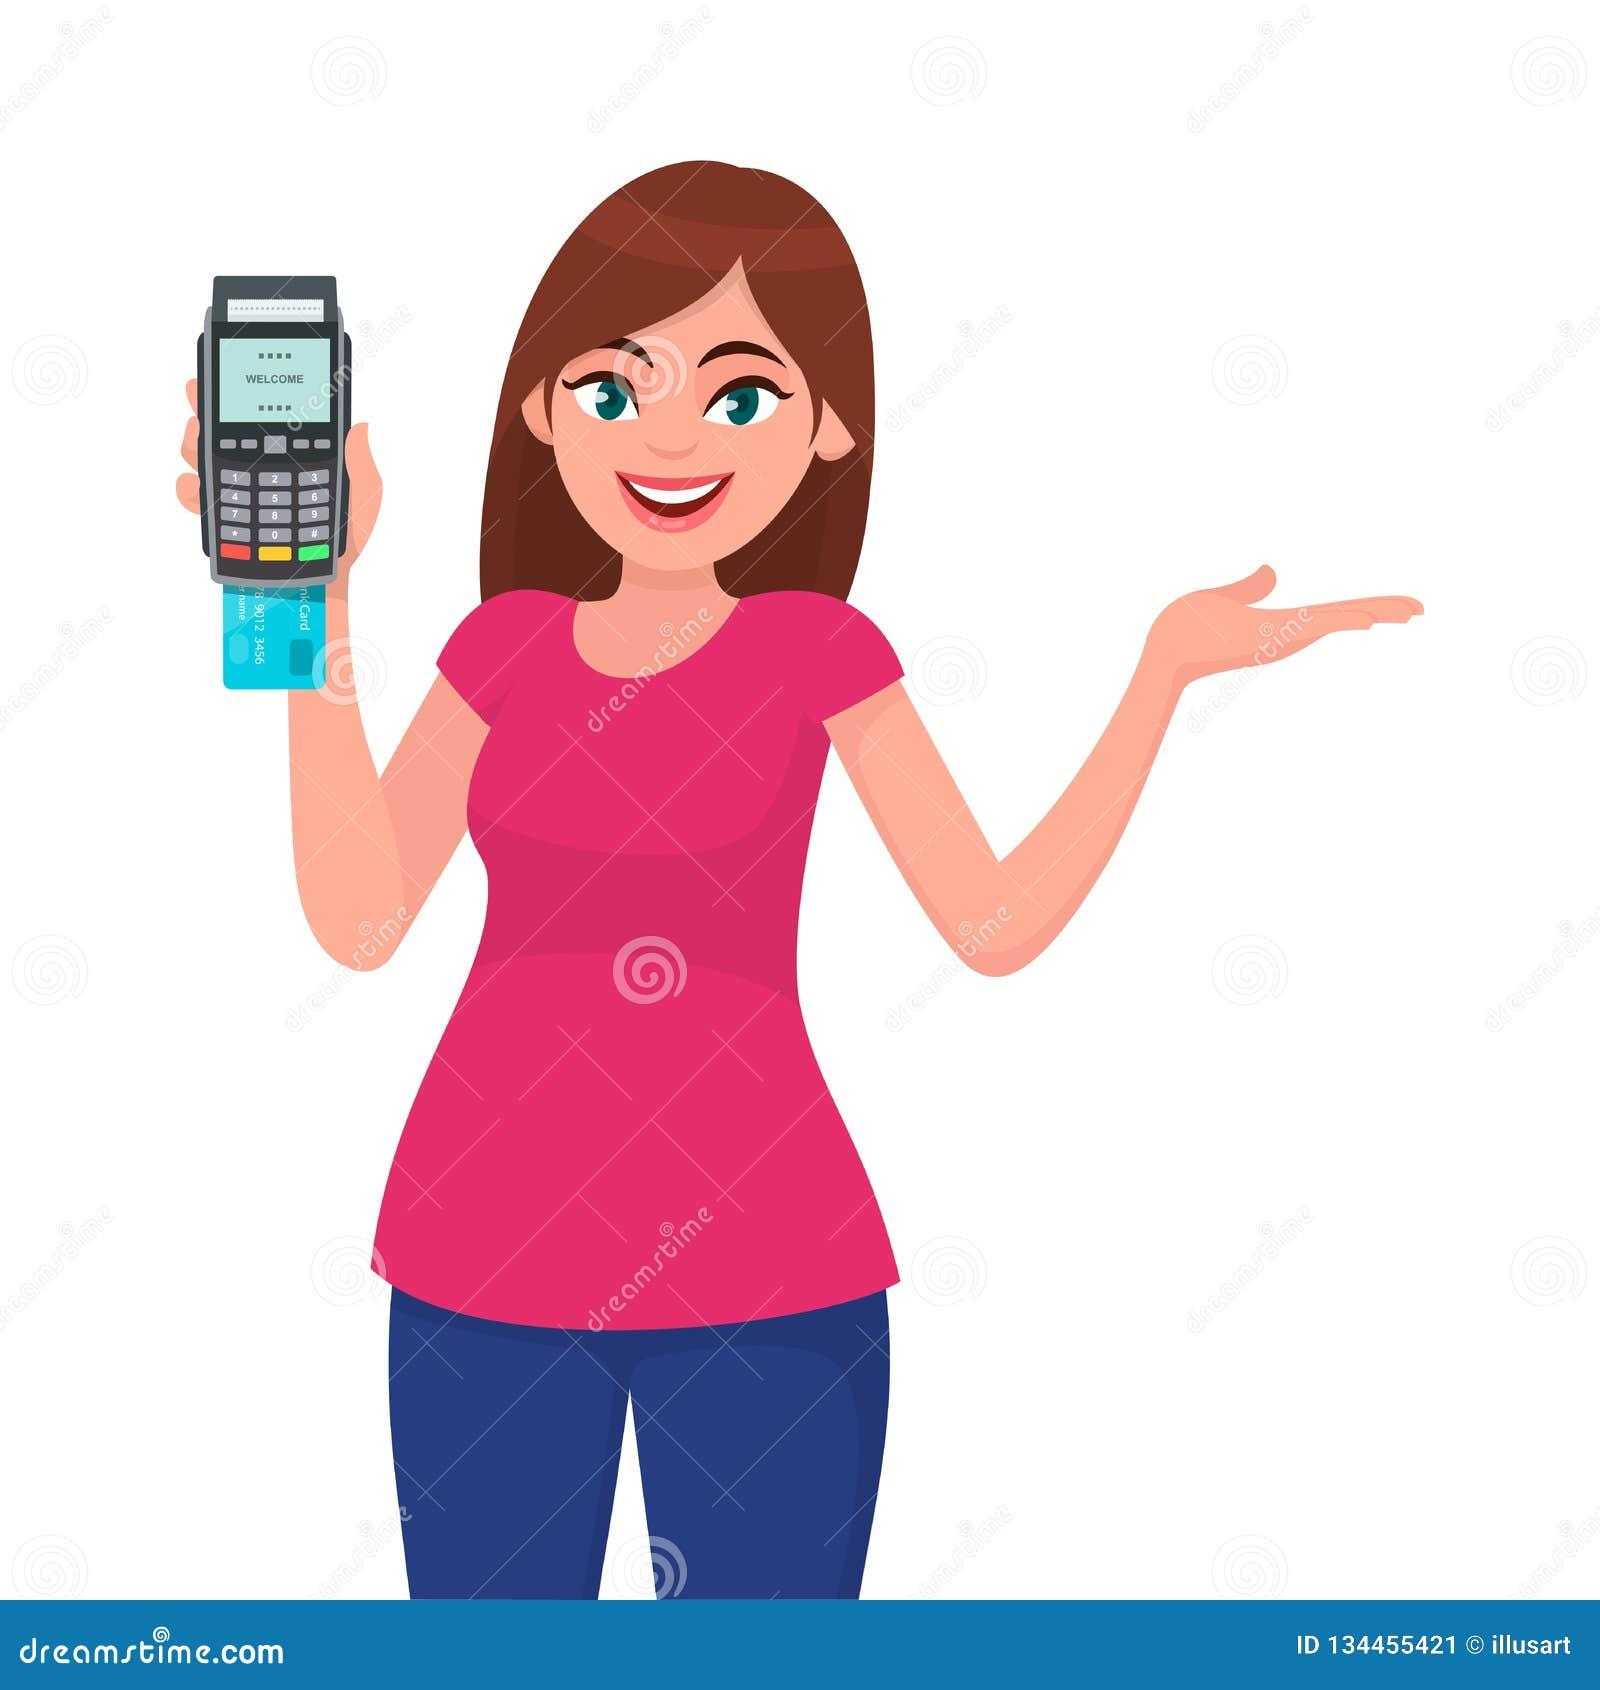 Терминал или кредит/дебетовые карты pos показа молодой женщины/девушки быстро проводя пальцем по машине и руке жеста для того что